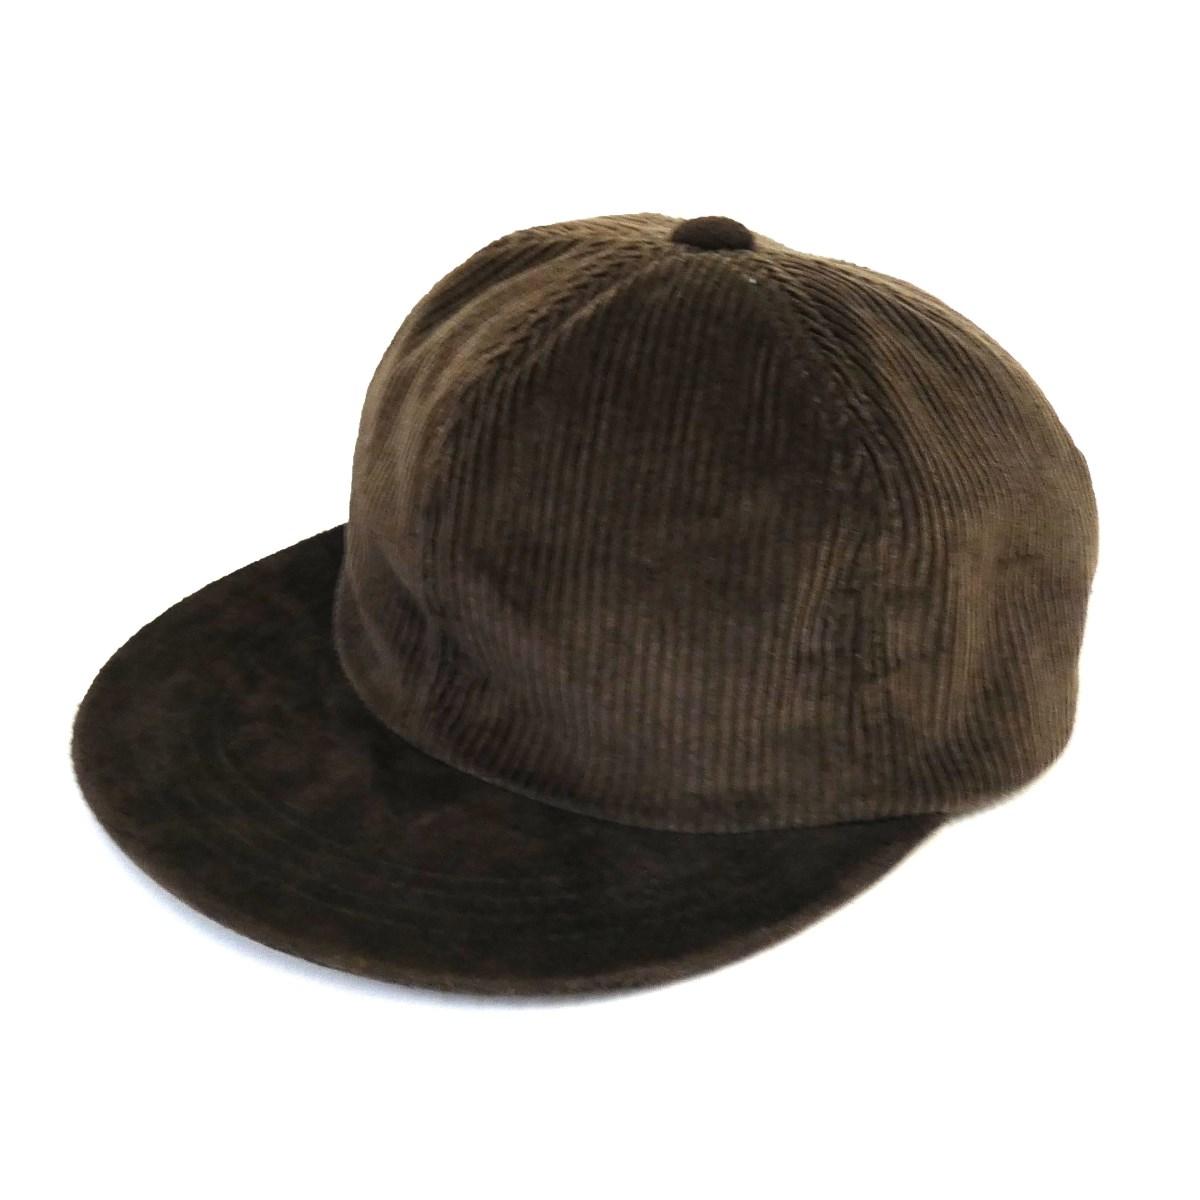 【12月12日 お値段見直しました】【中古】Hender Scheme「2 tone cap corduroy」 スウェード×コーデュロイ2トーンキャップ ブラウン サイズ:FREE